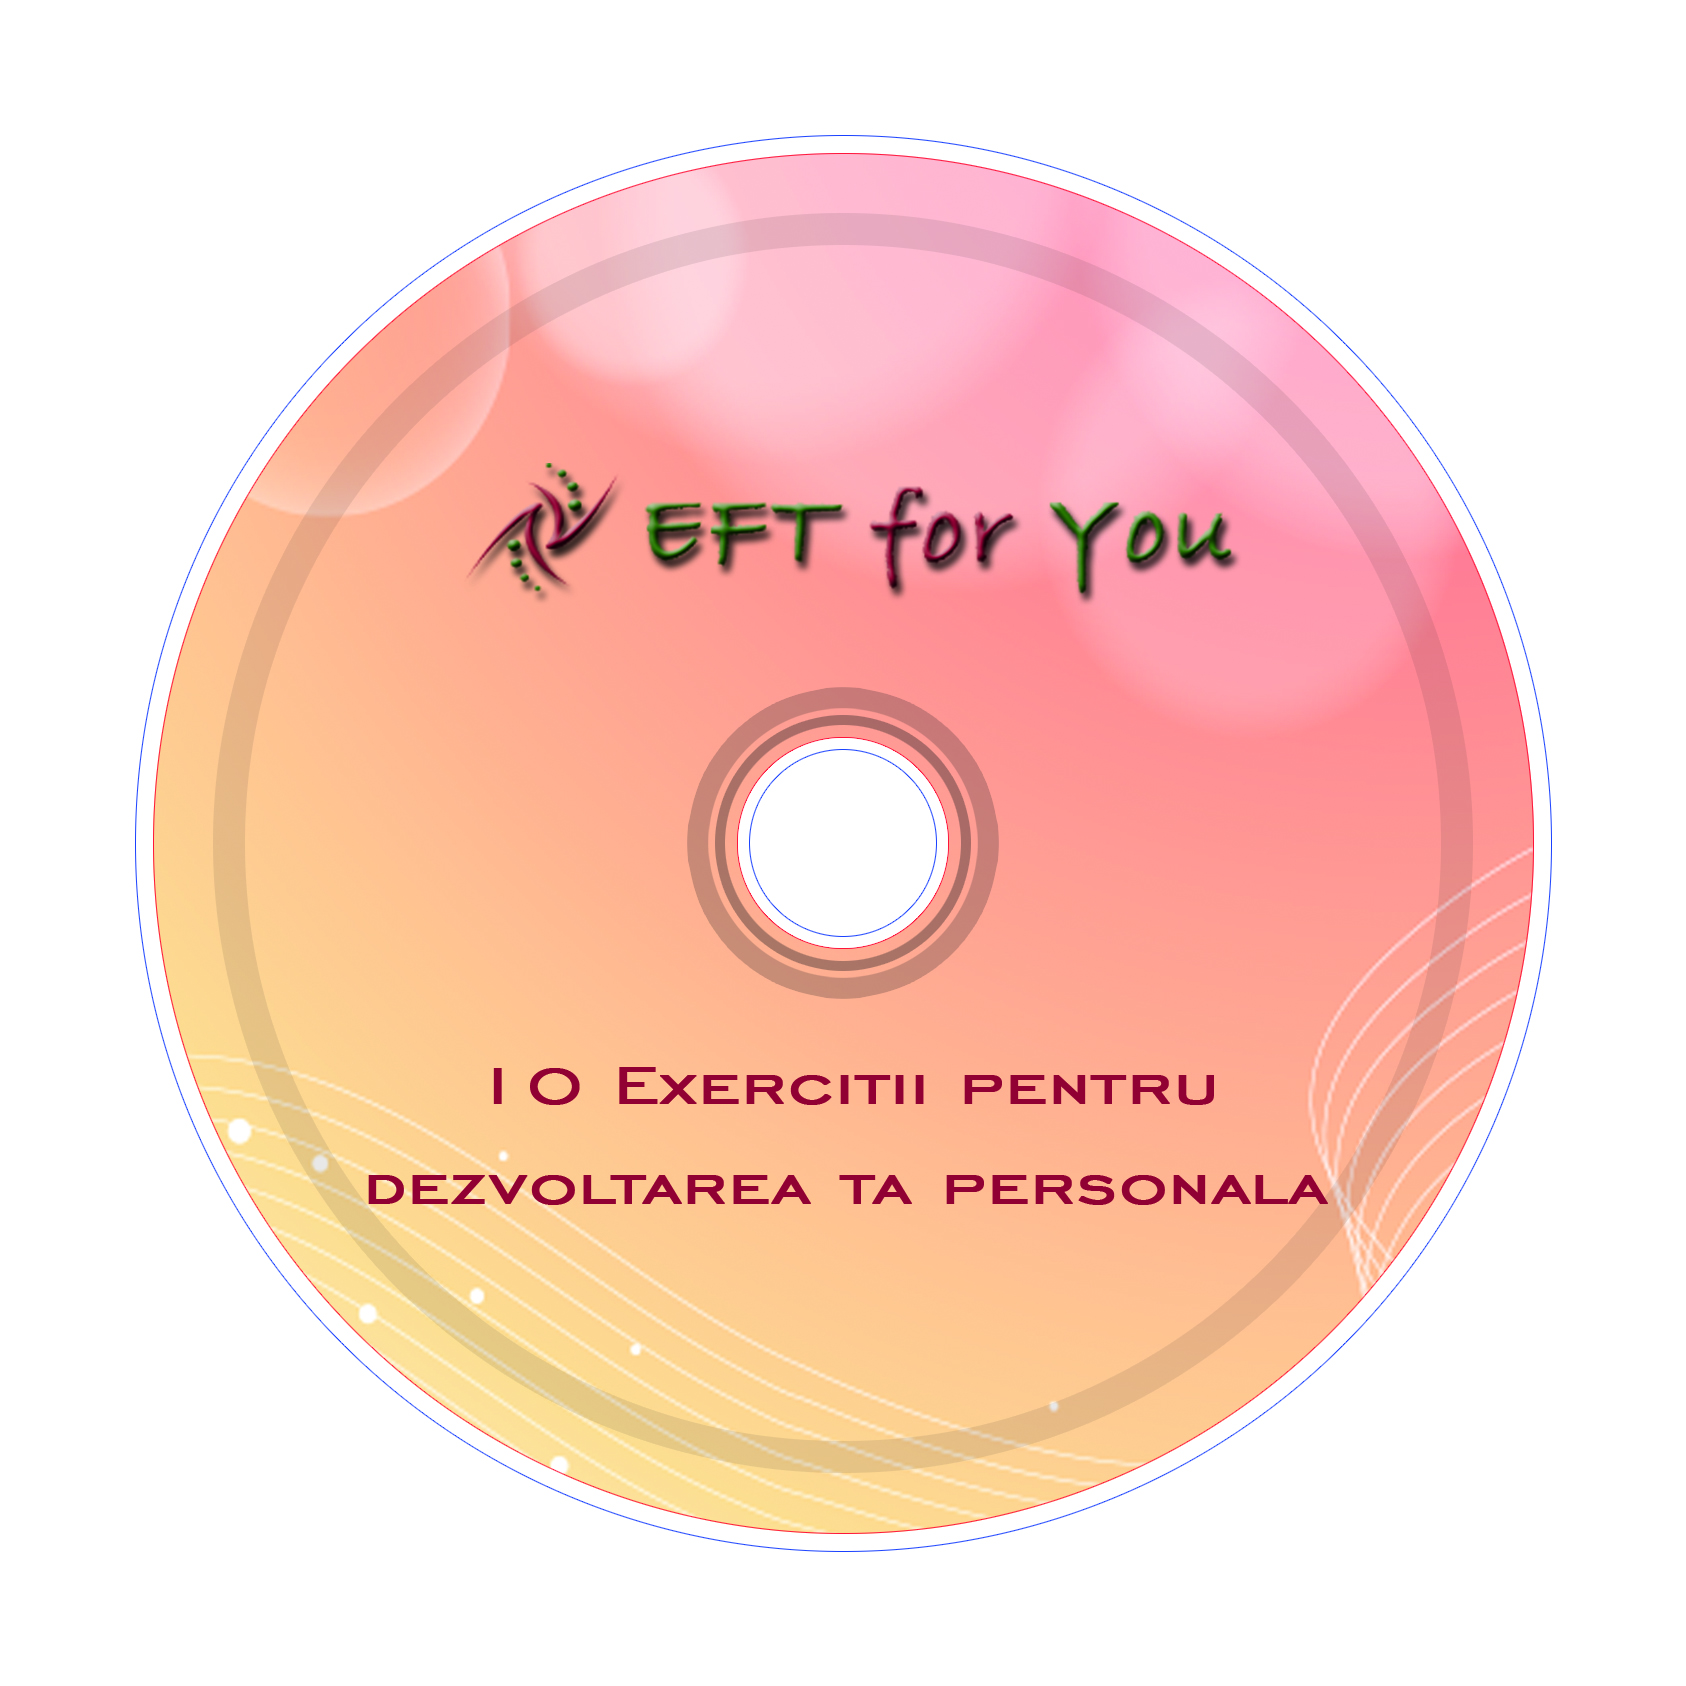 CD-10 Exercitii pentru dezvoltarea ta personala